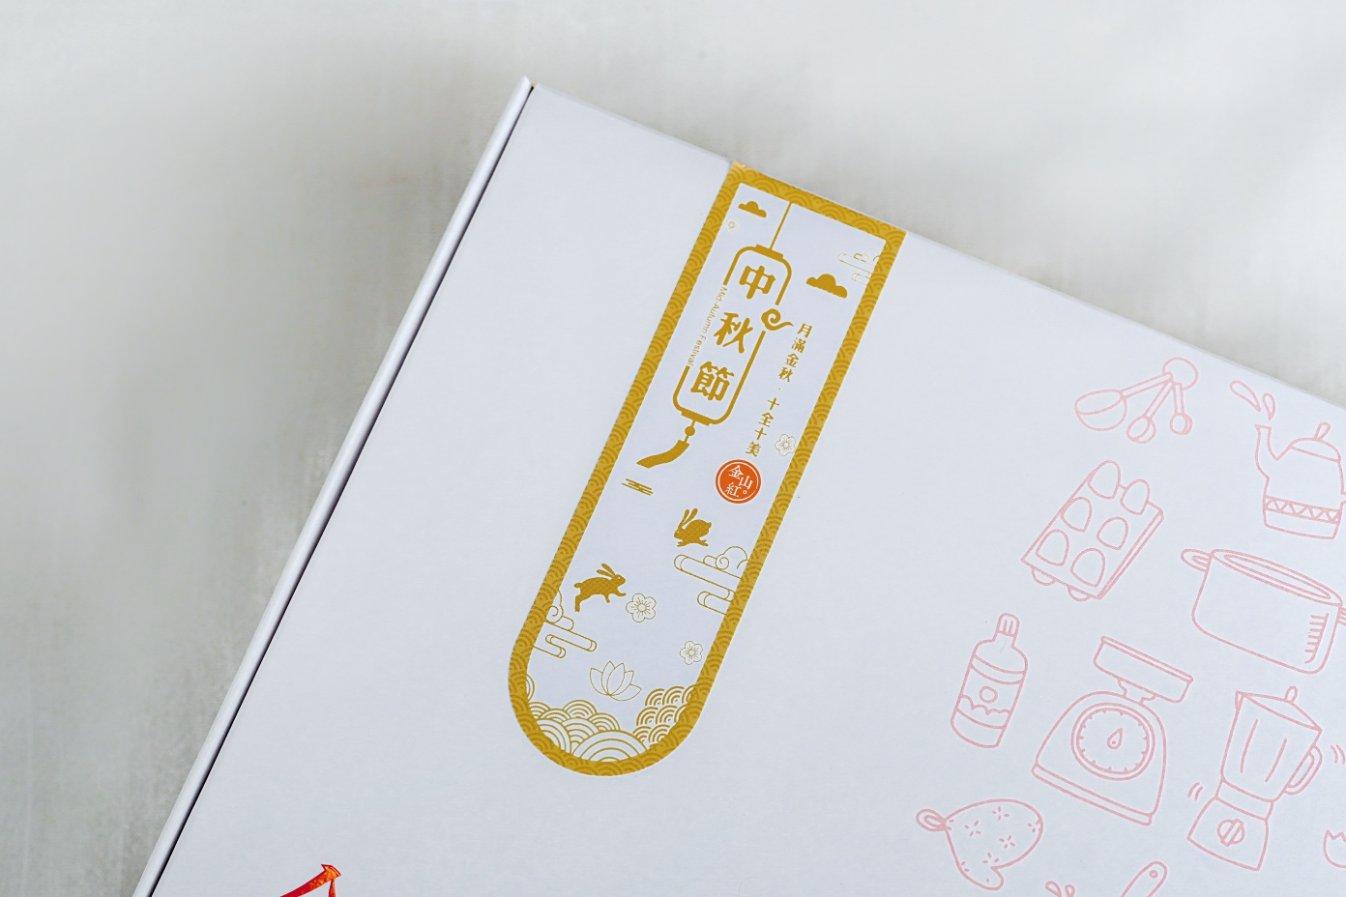 【金山老街必吃美食】金山紅:充滿台味色彩如巨大馬卡龍「半熟水果乳酪蛋糕」北海道生乳燒也超好吃! @女子的休假計劃